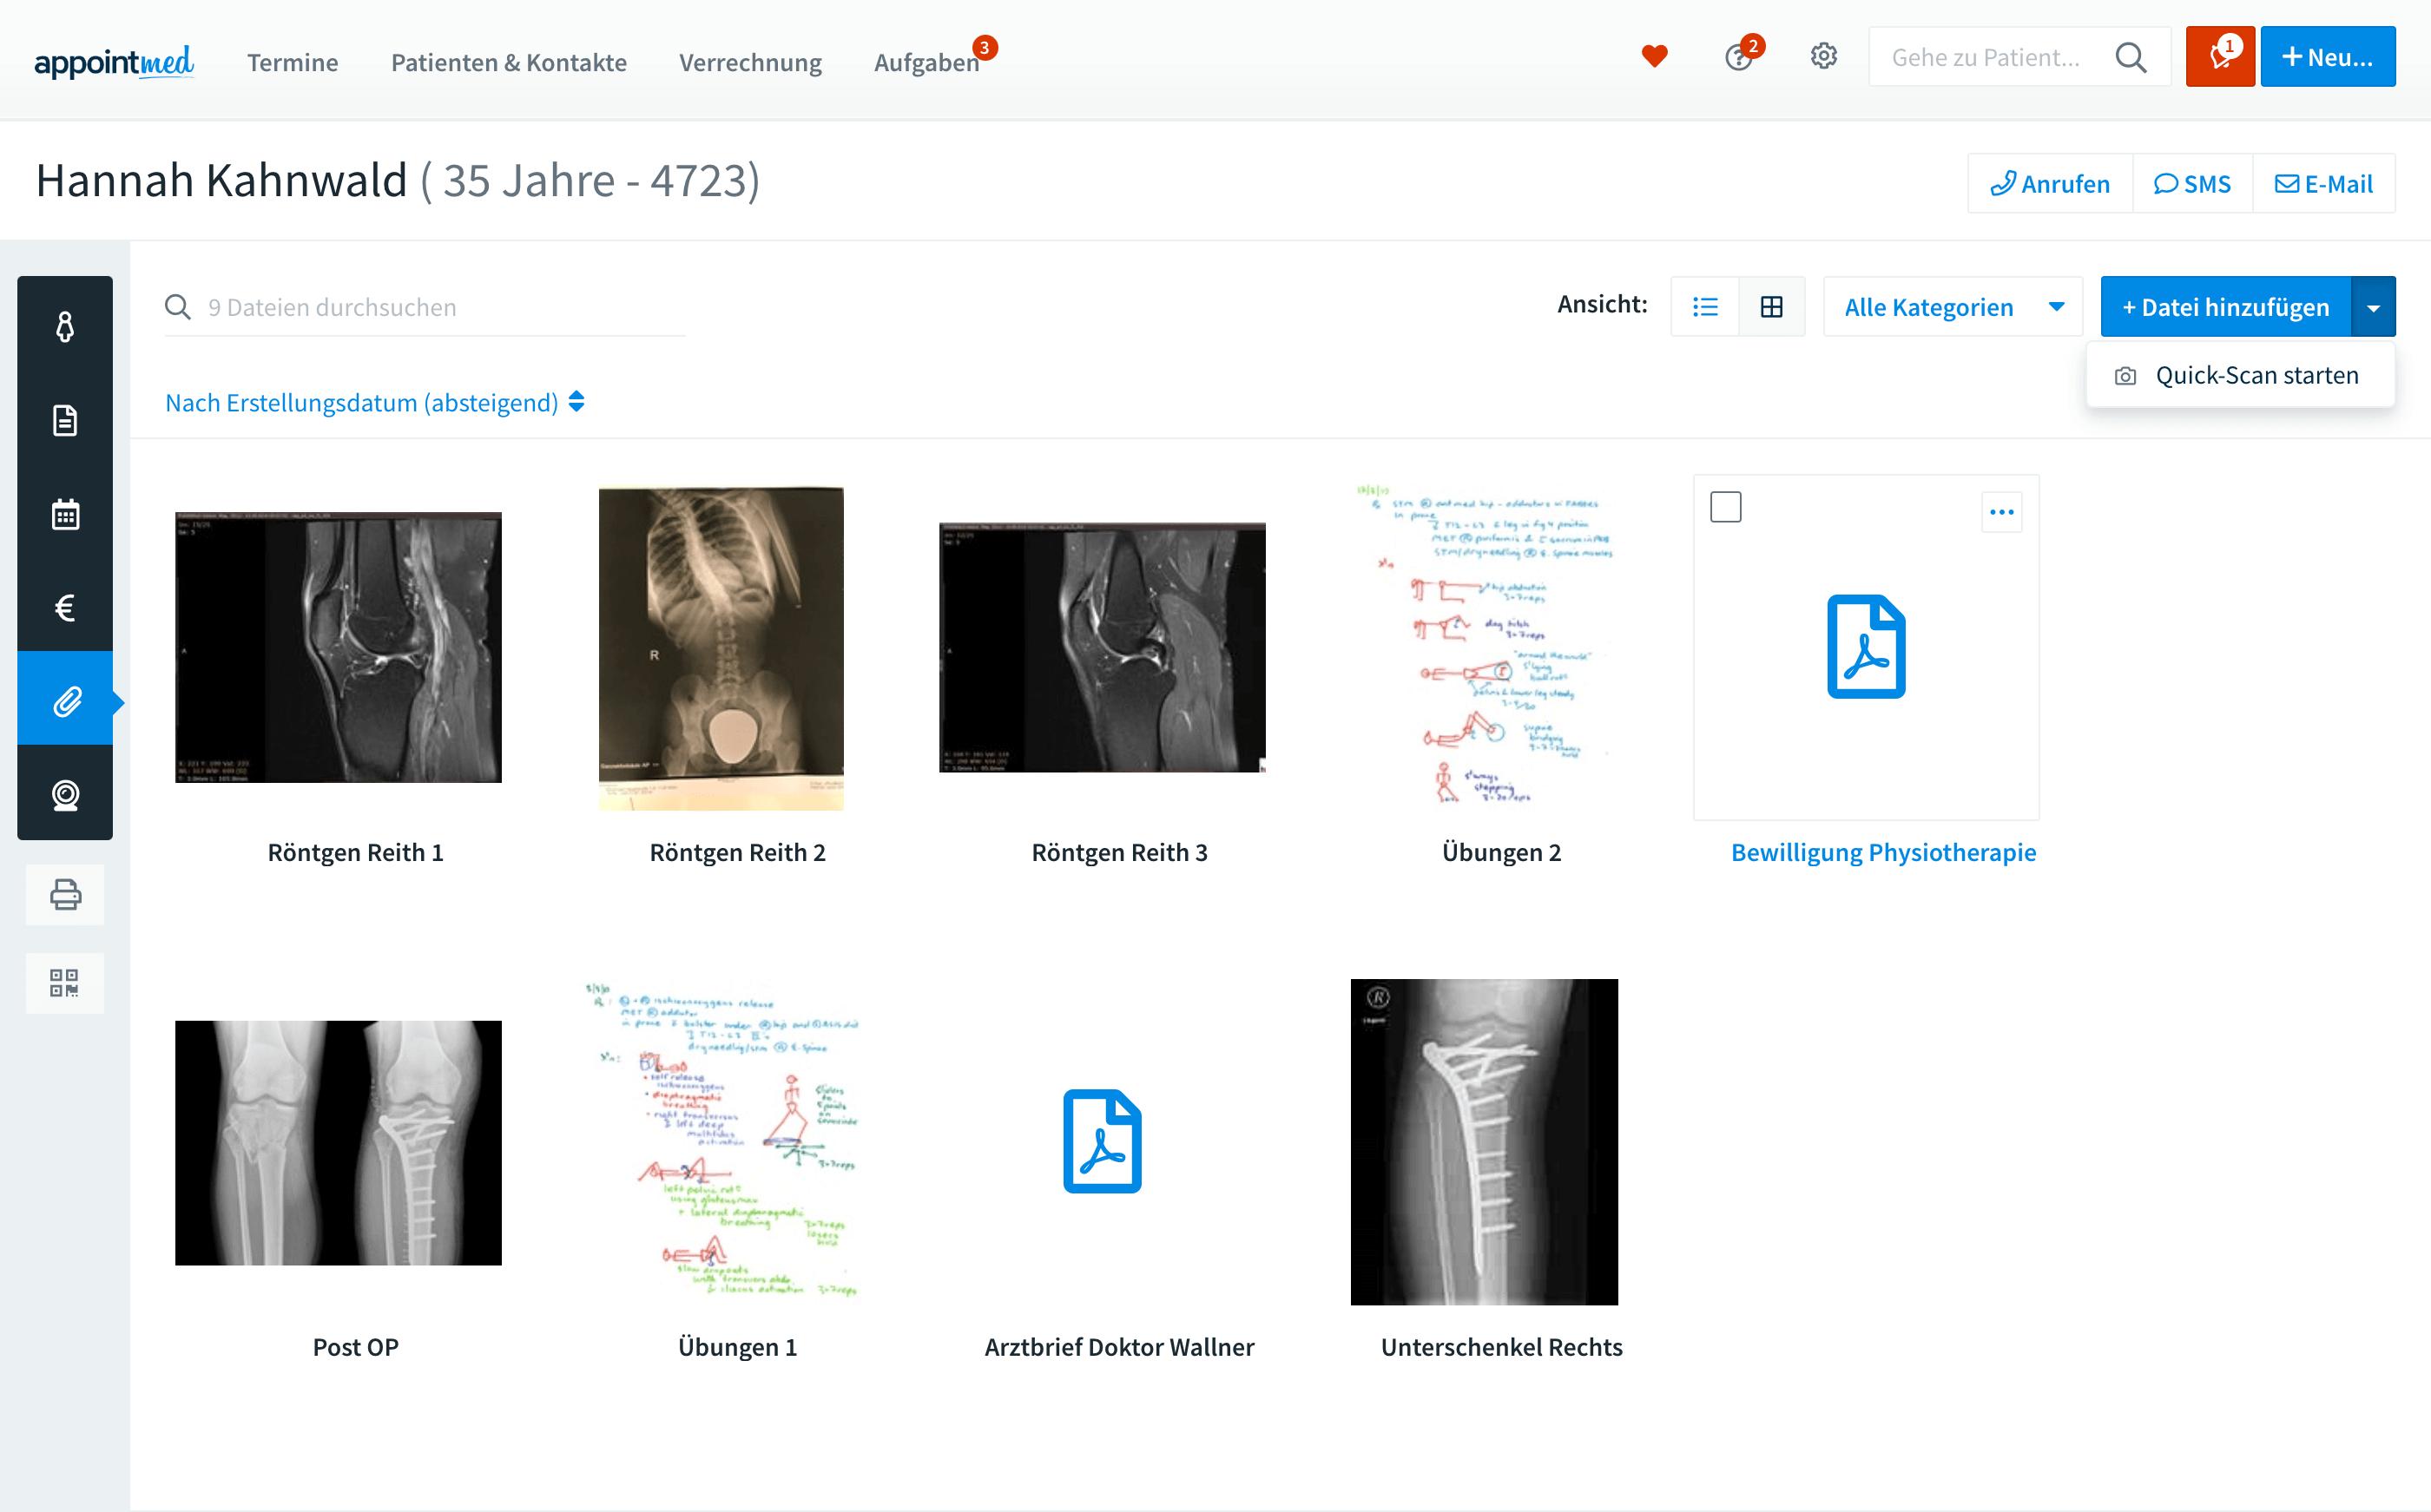 Dateien und Befunde in der Patientenakte